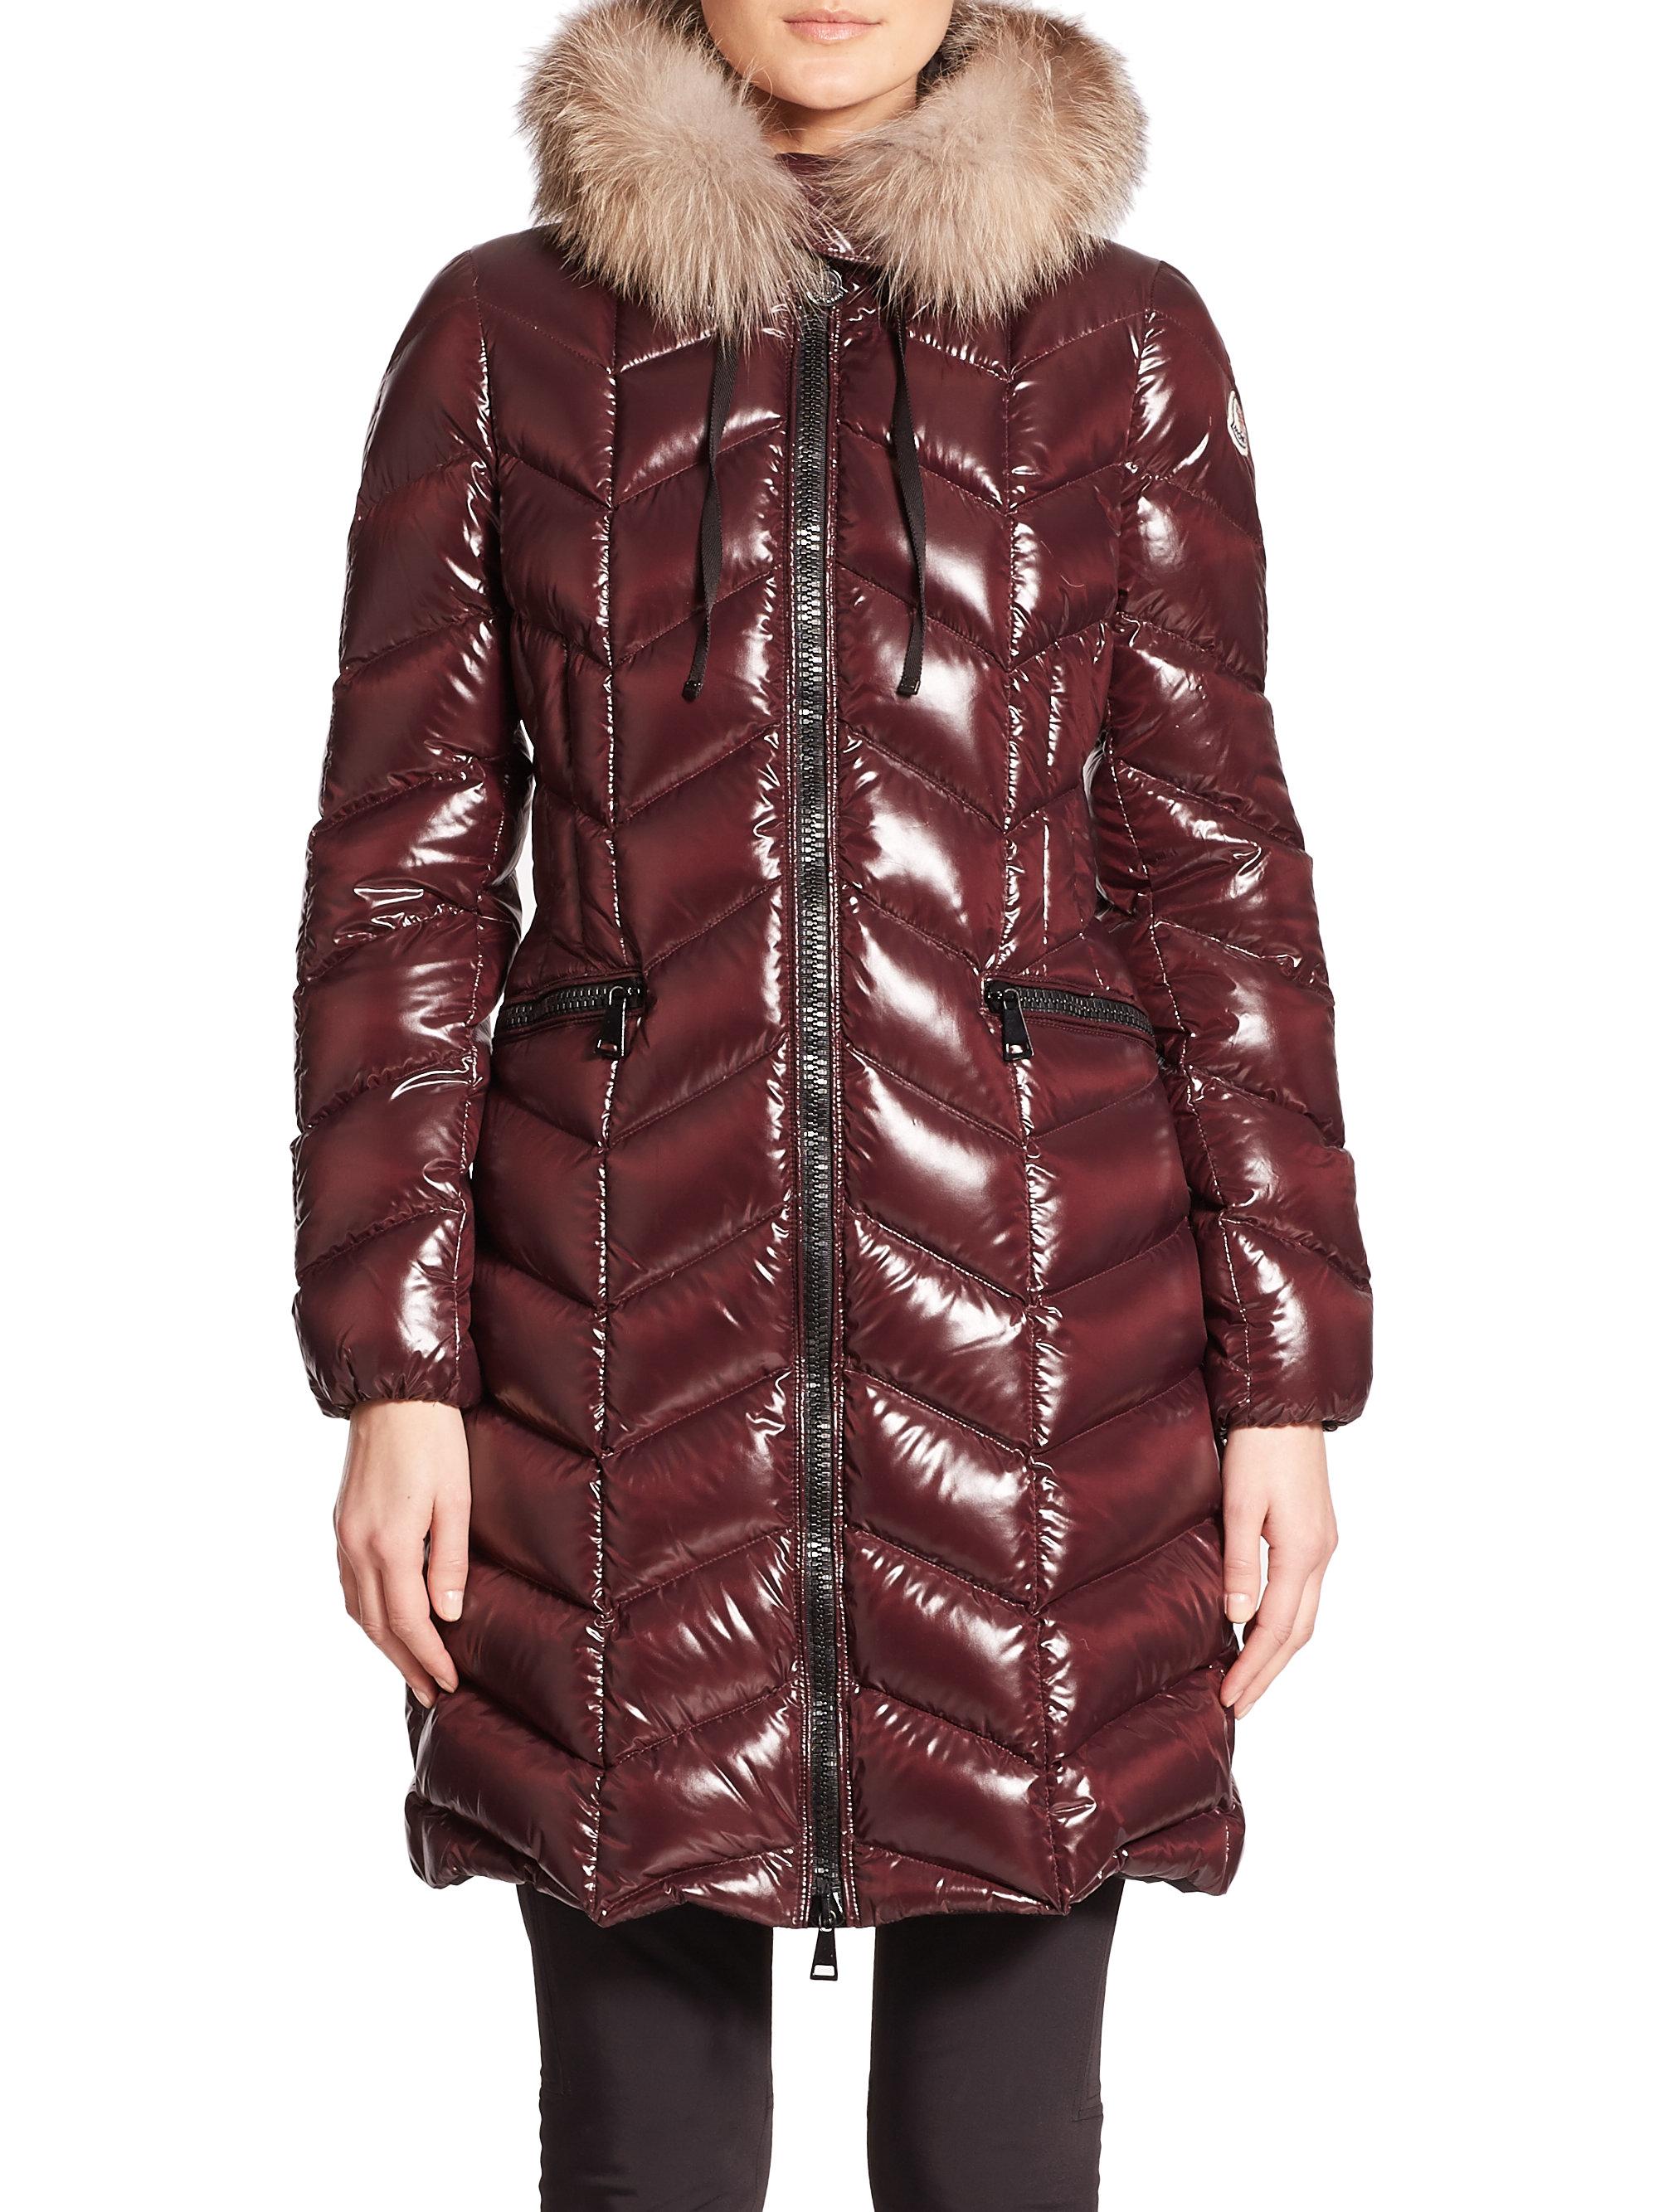 Lyst Moncler Bellette Fur Trimmed Jacket In Red